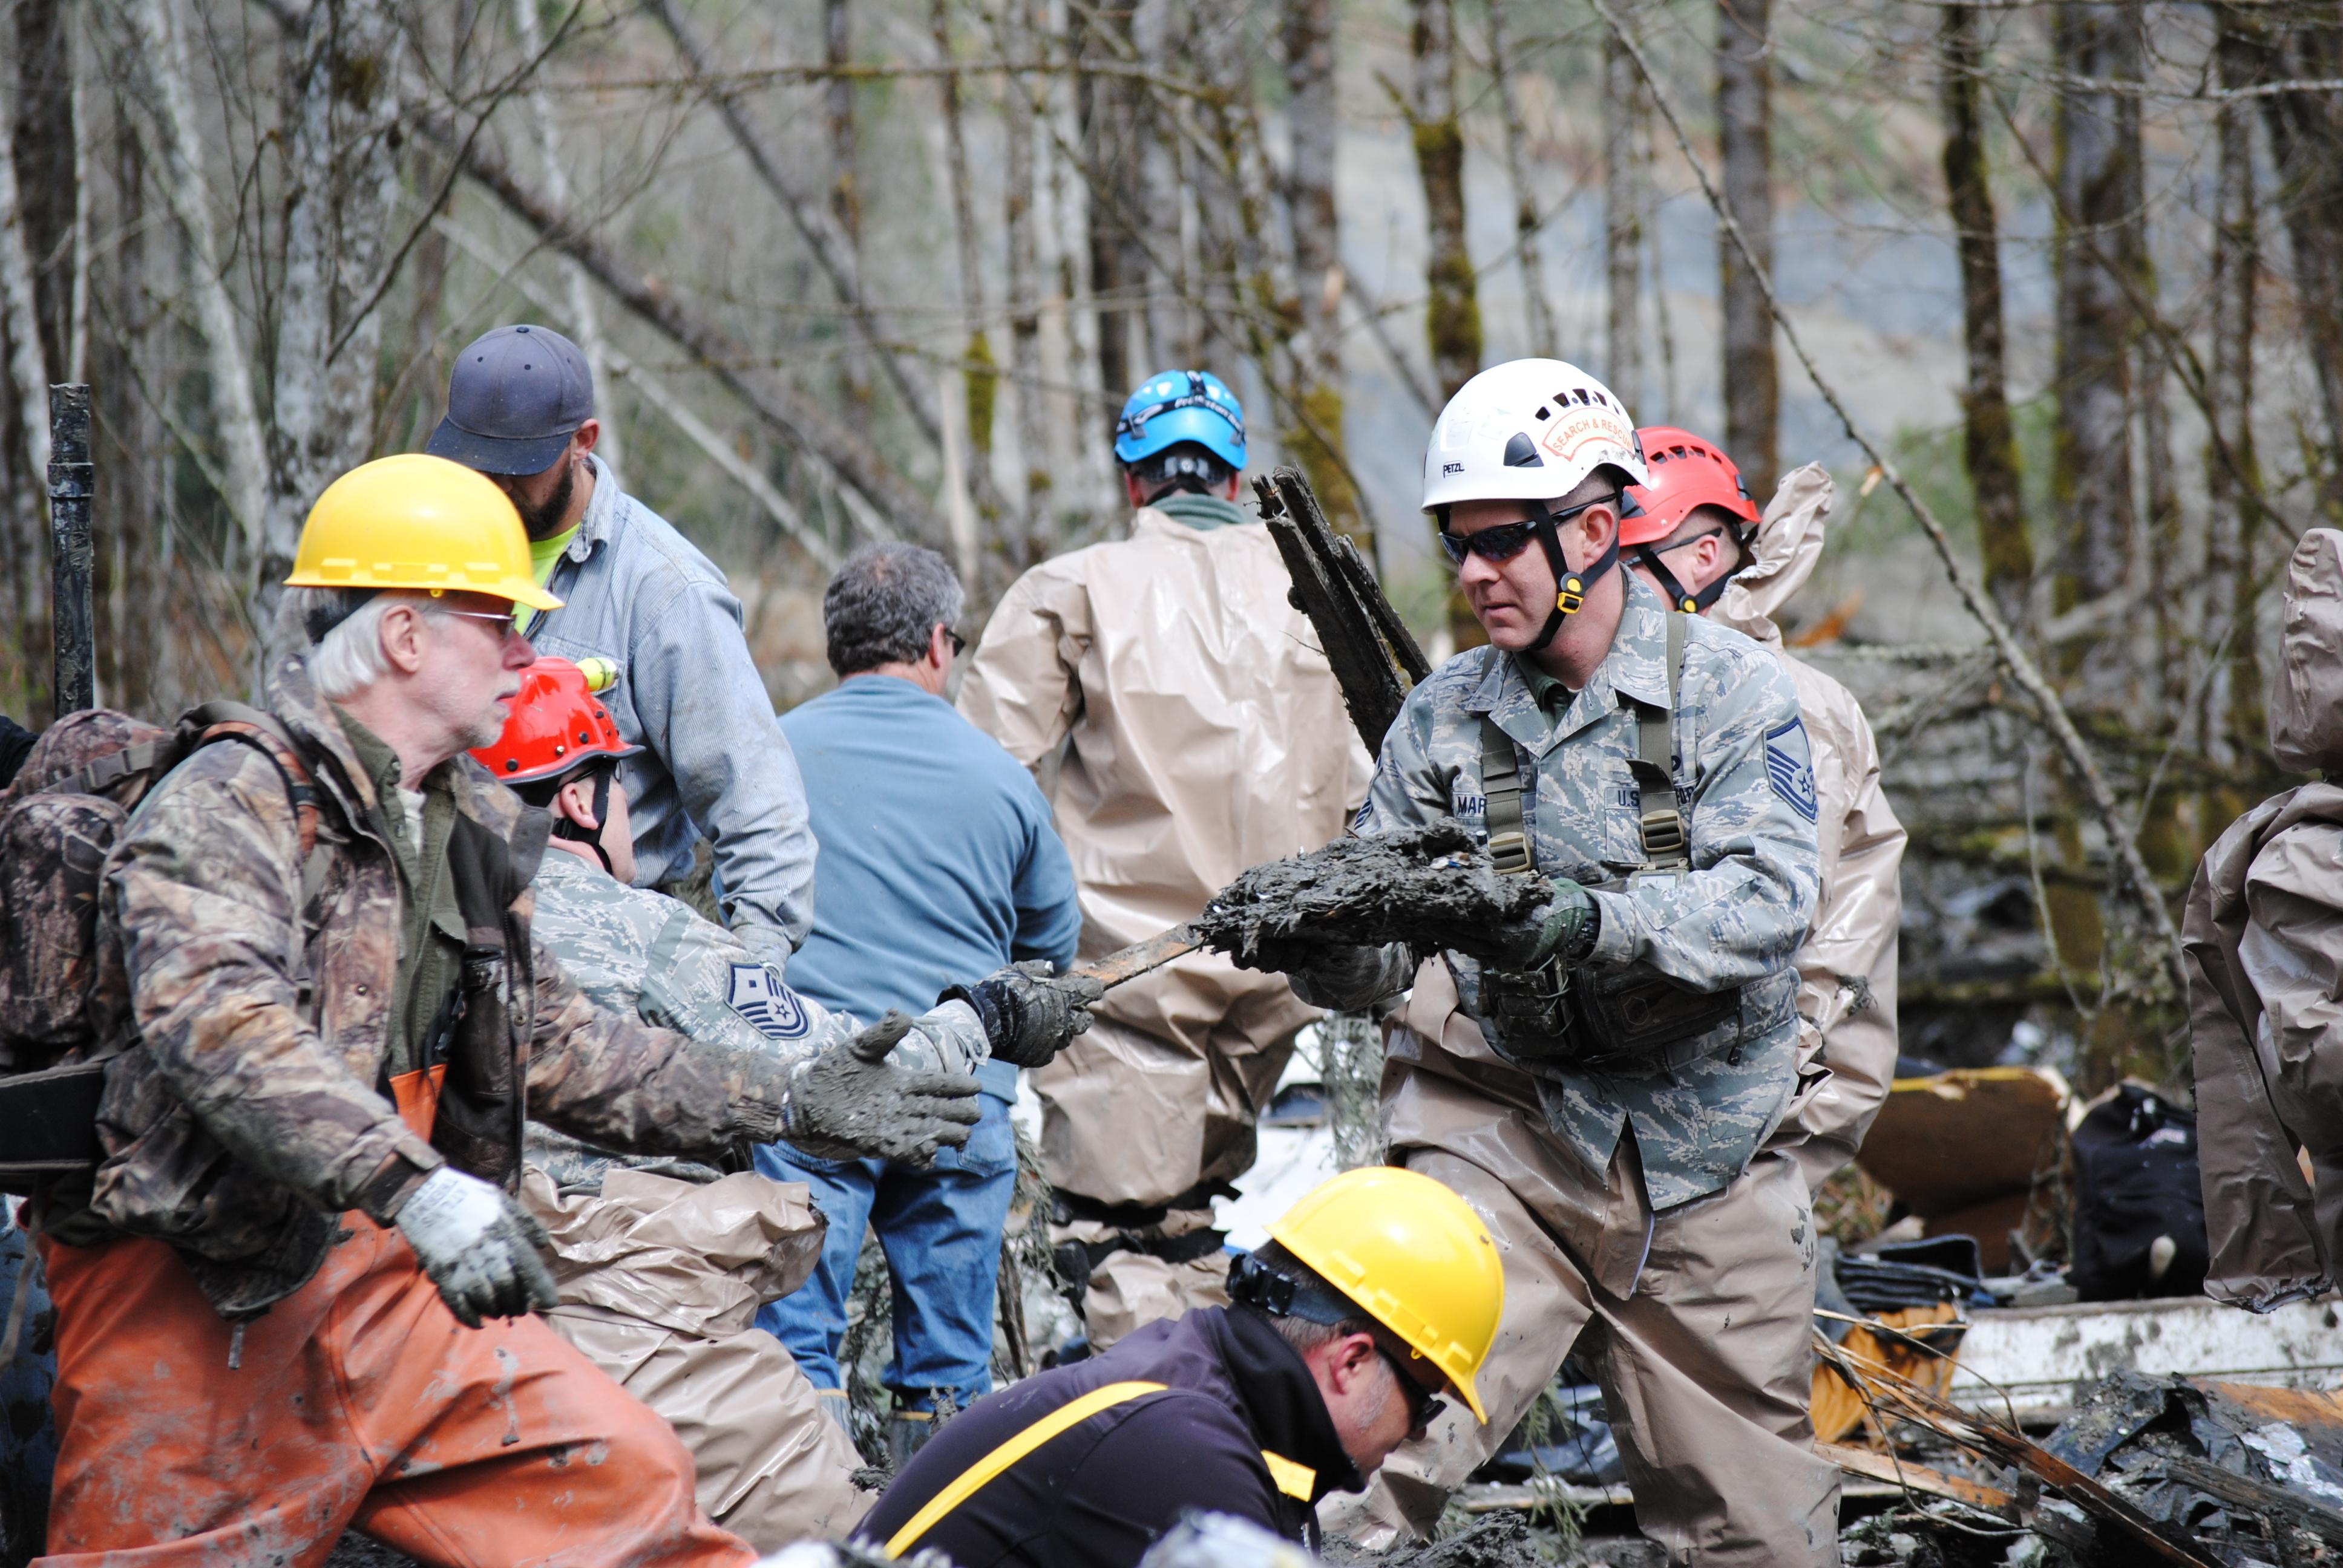 dd_rescue utility - Kurt Garloff - Consulting